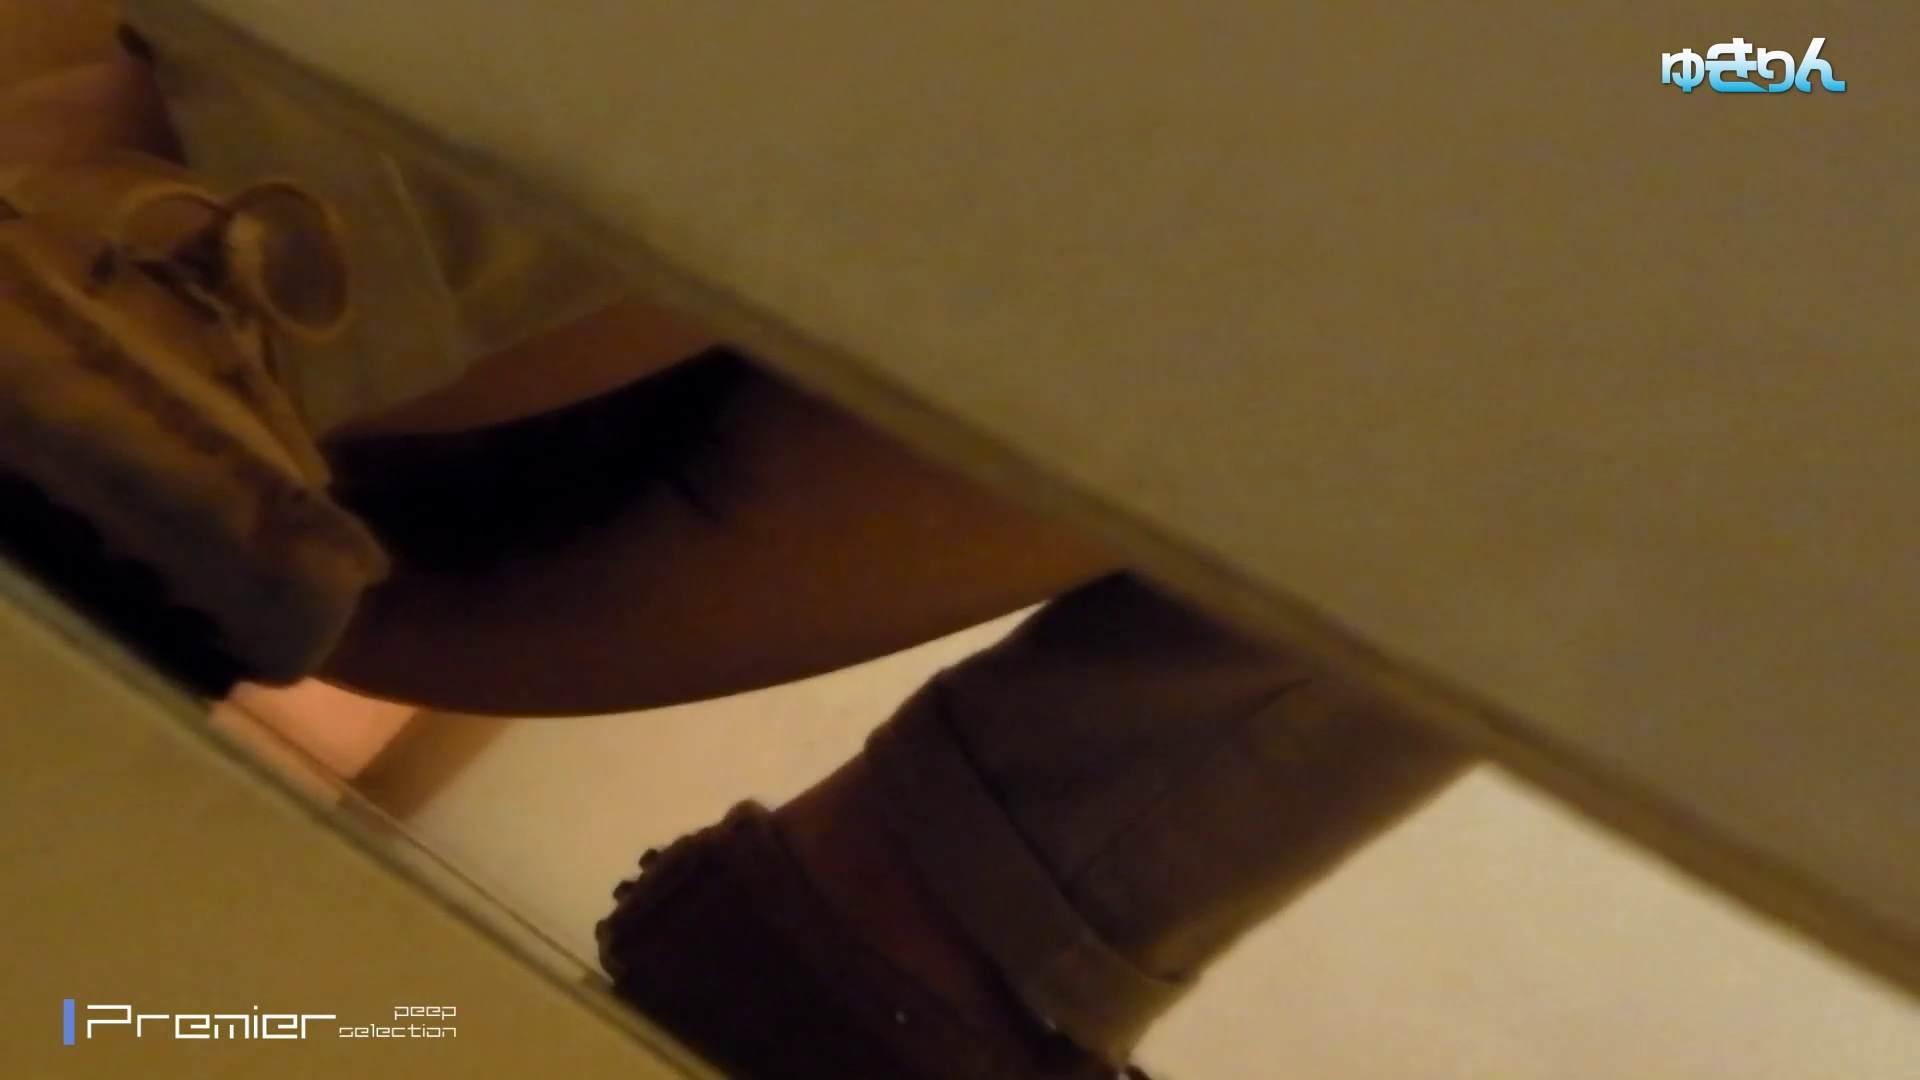 新世界の射窓 No89 あの有名のショーに出ているモデルが偶然に利用するという 洗面所  113画像 70